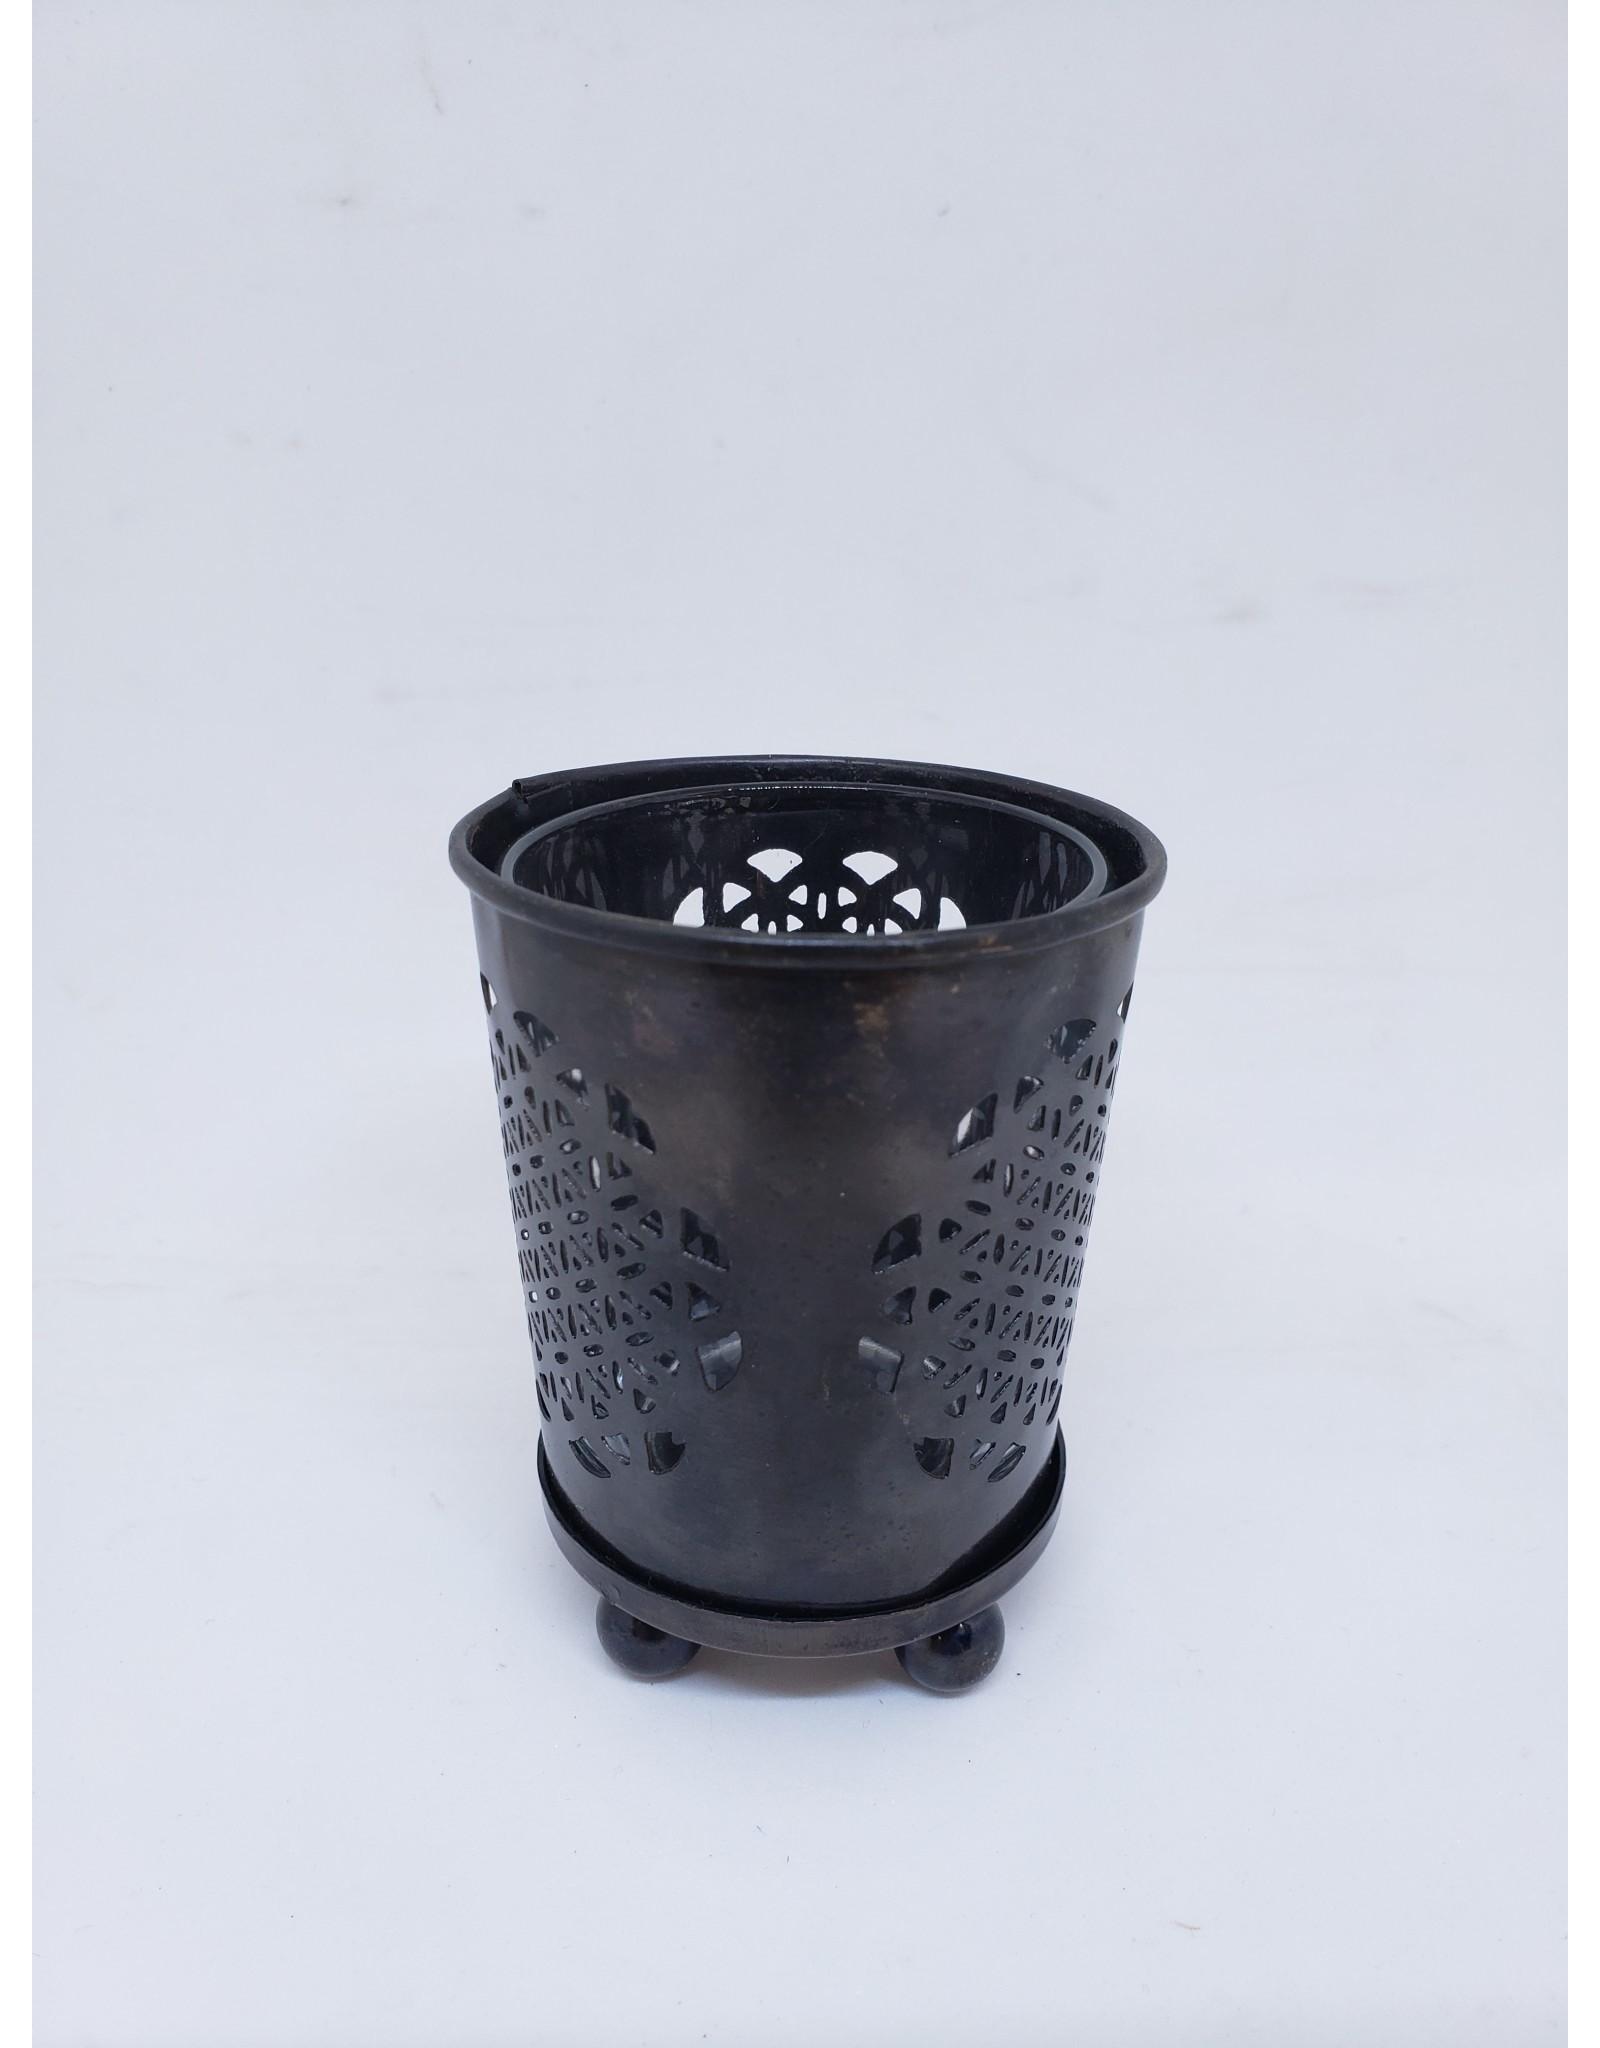 Metal Flower of Life Votive Holder w/glass insert